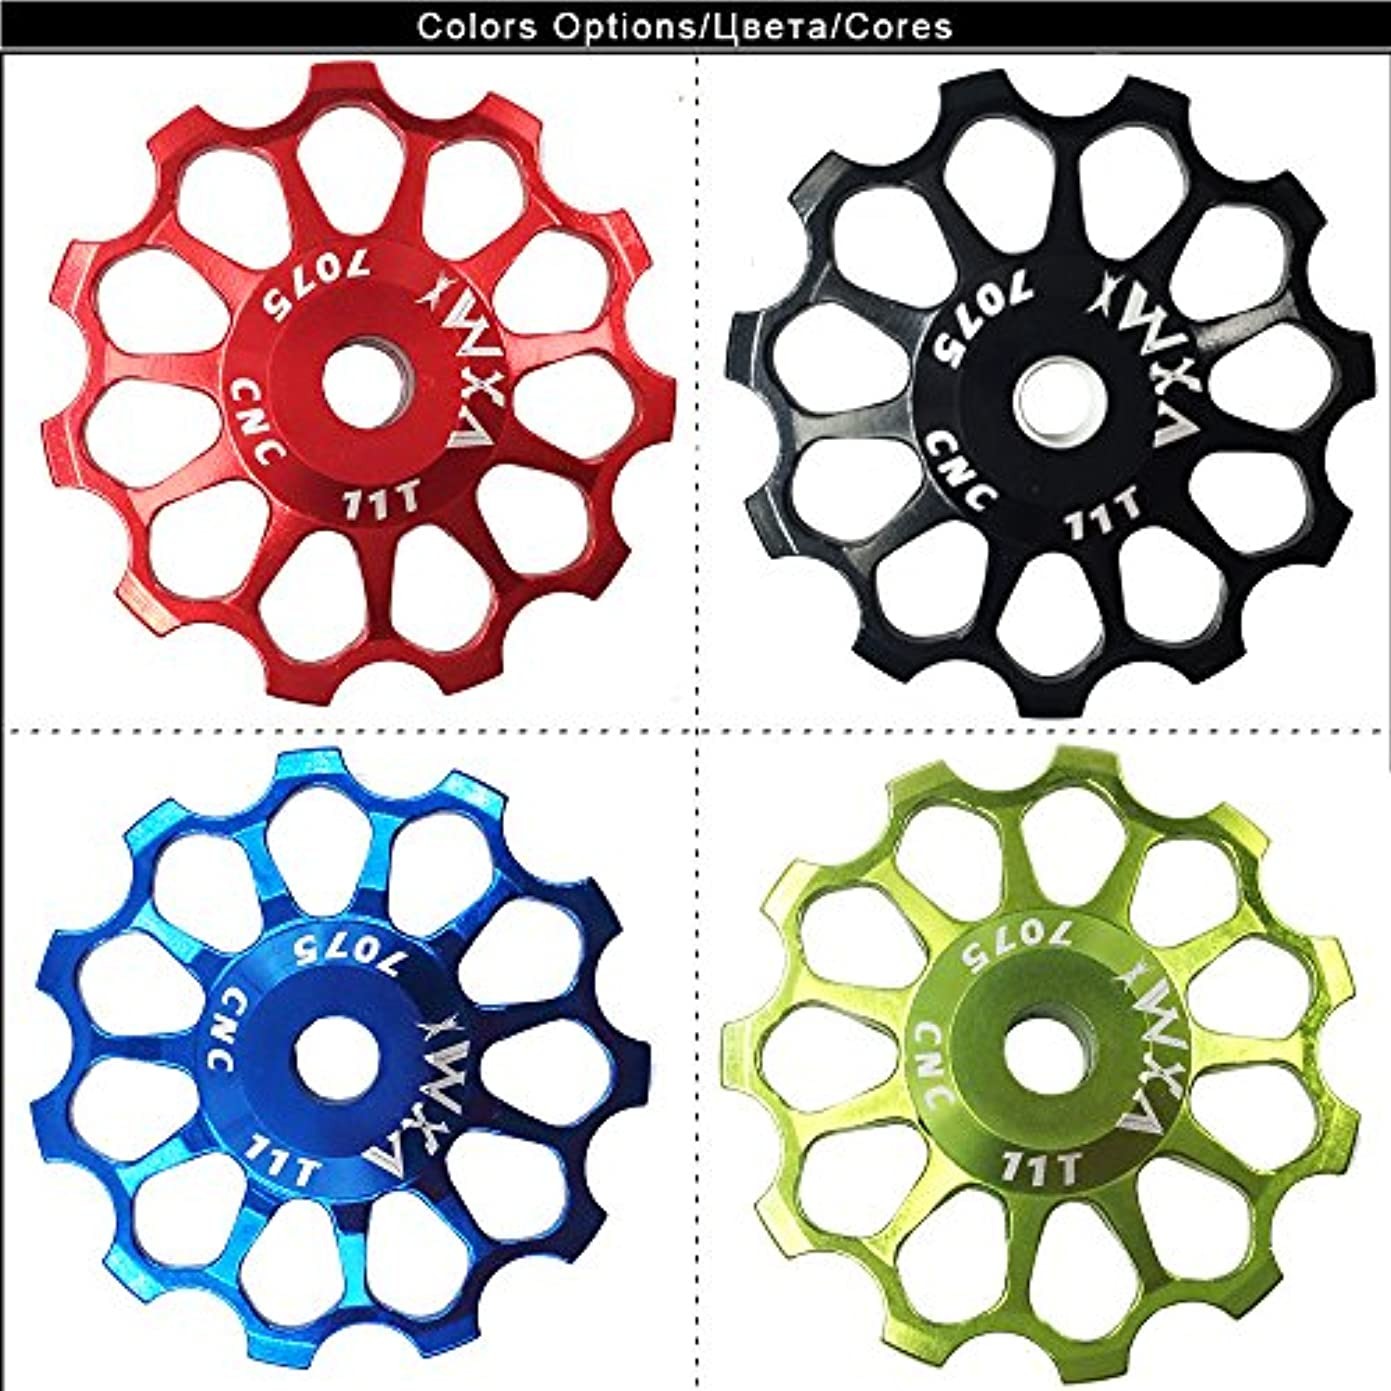 追い払う里親条件付きVxm自転車リアディレイラージョッキーホイールガイドサイクリングセラミックス軸受サイクリングバイクアクセサリー_11T緑